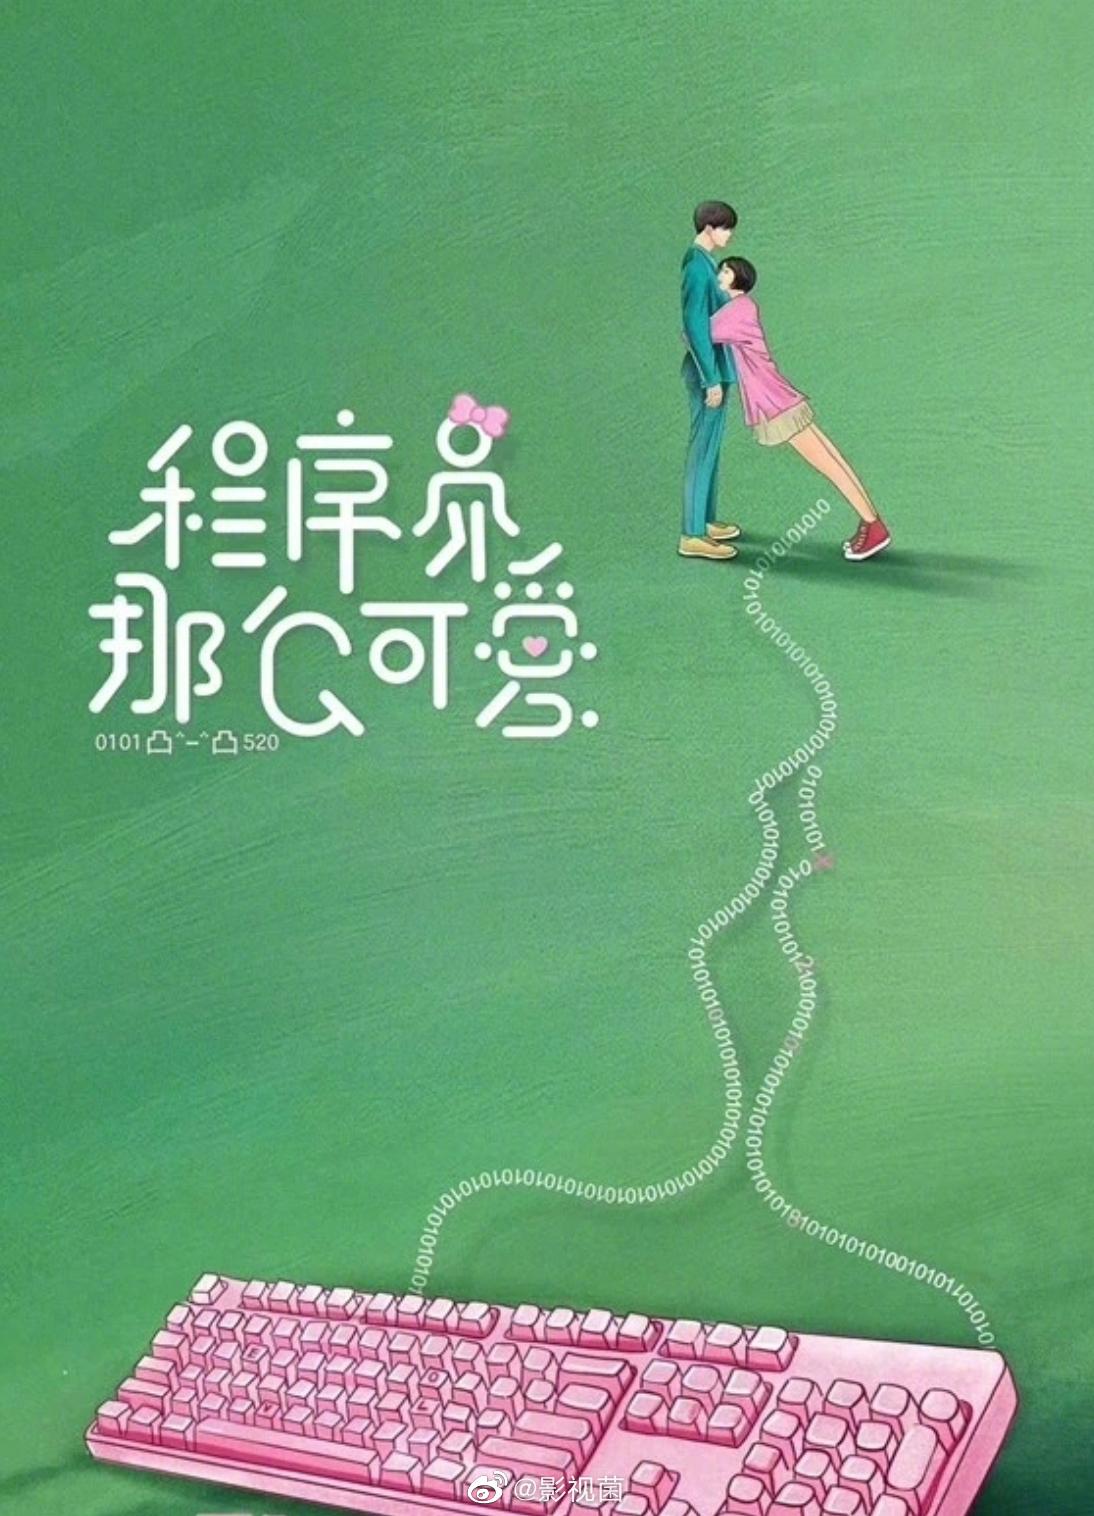 http://www.reviewcode.cn/wulianwang/156698.html